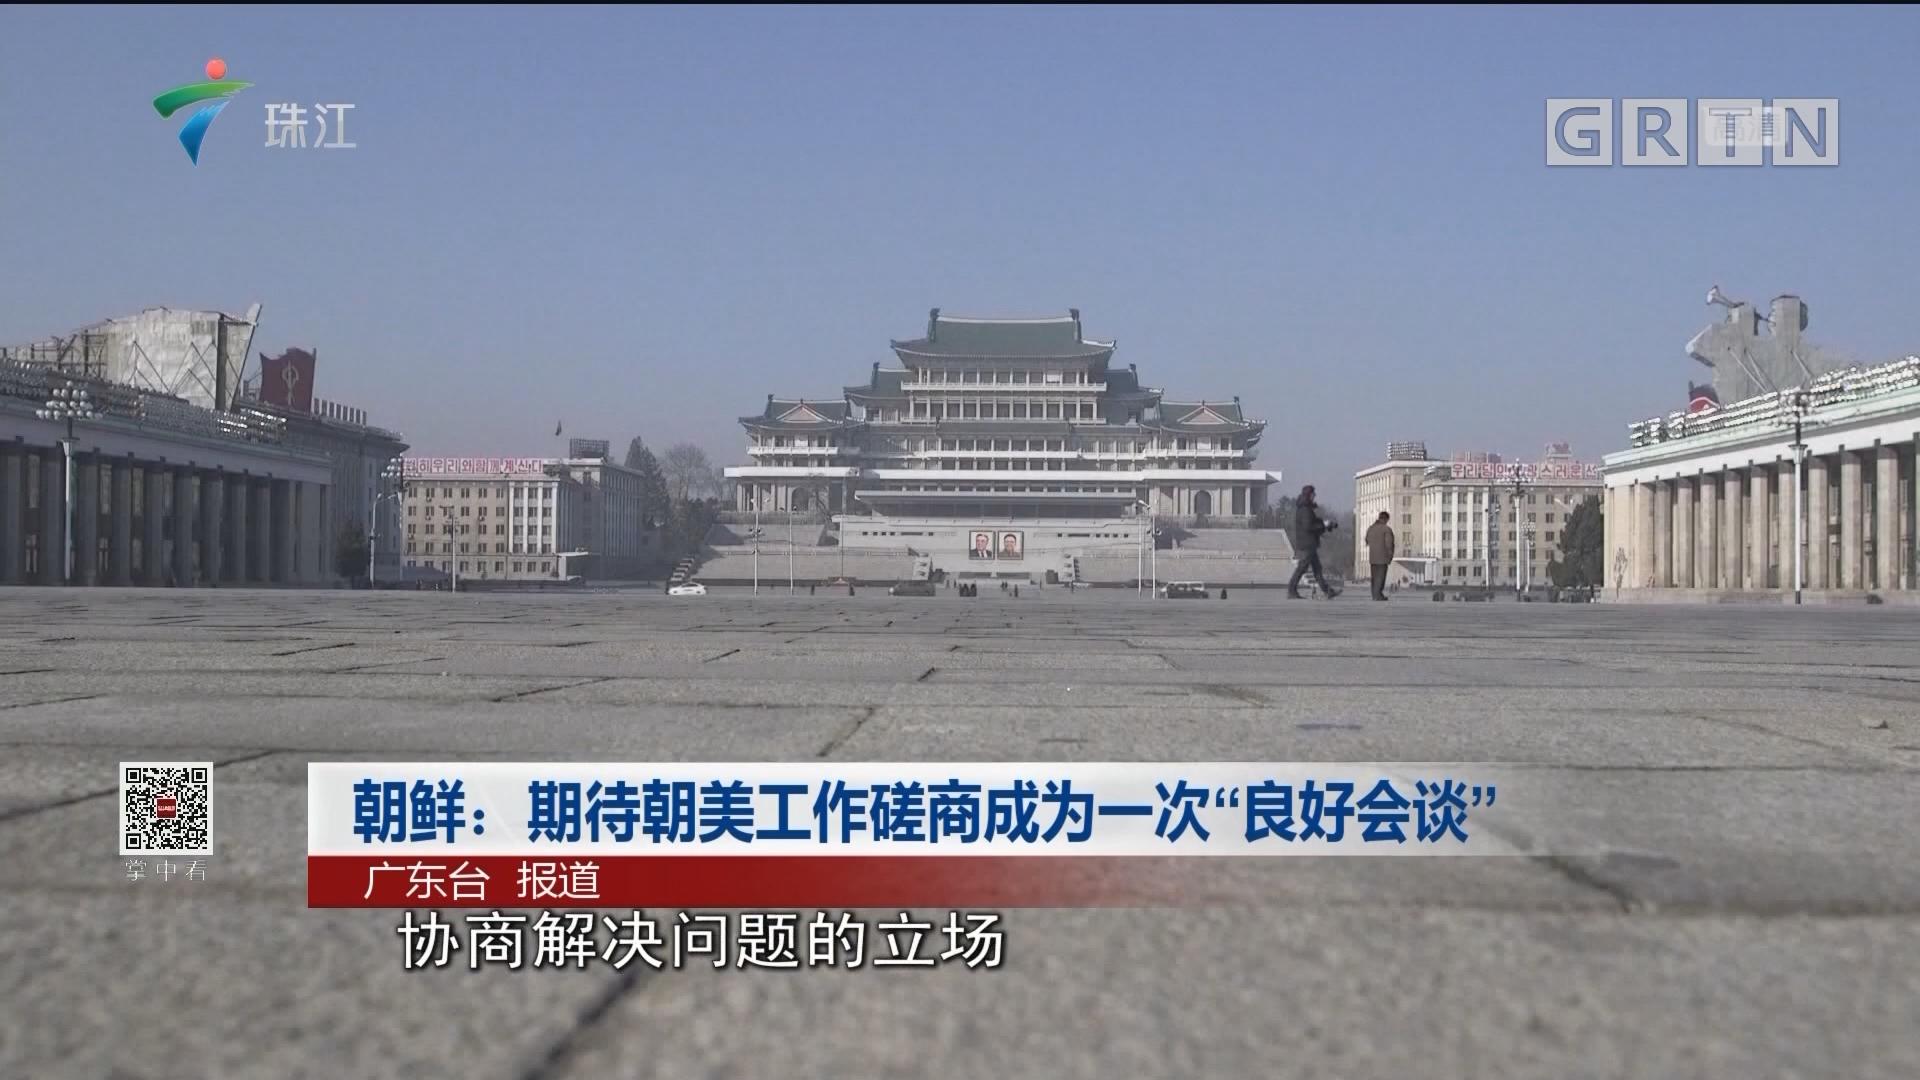 """朝鲜:期待朝美工作磋商成为一次""""良好会谈"""""""